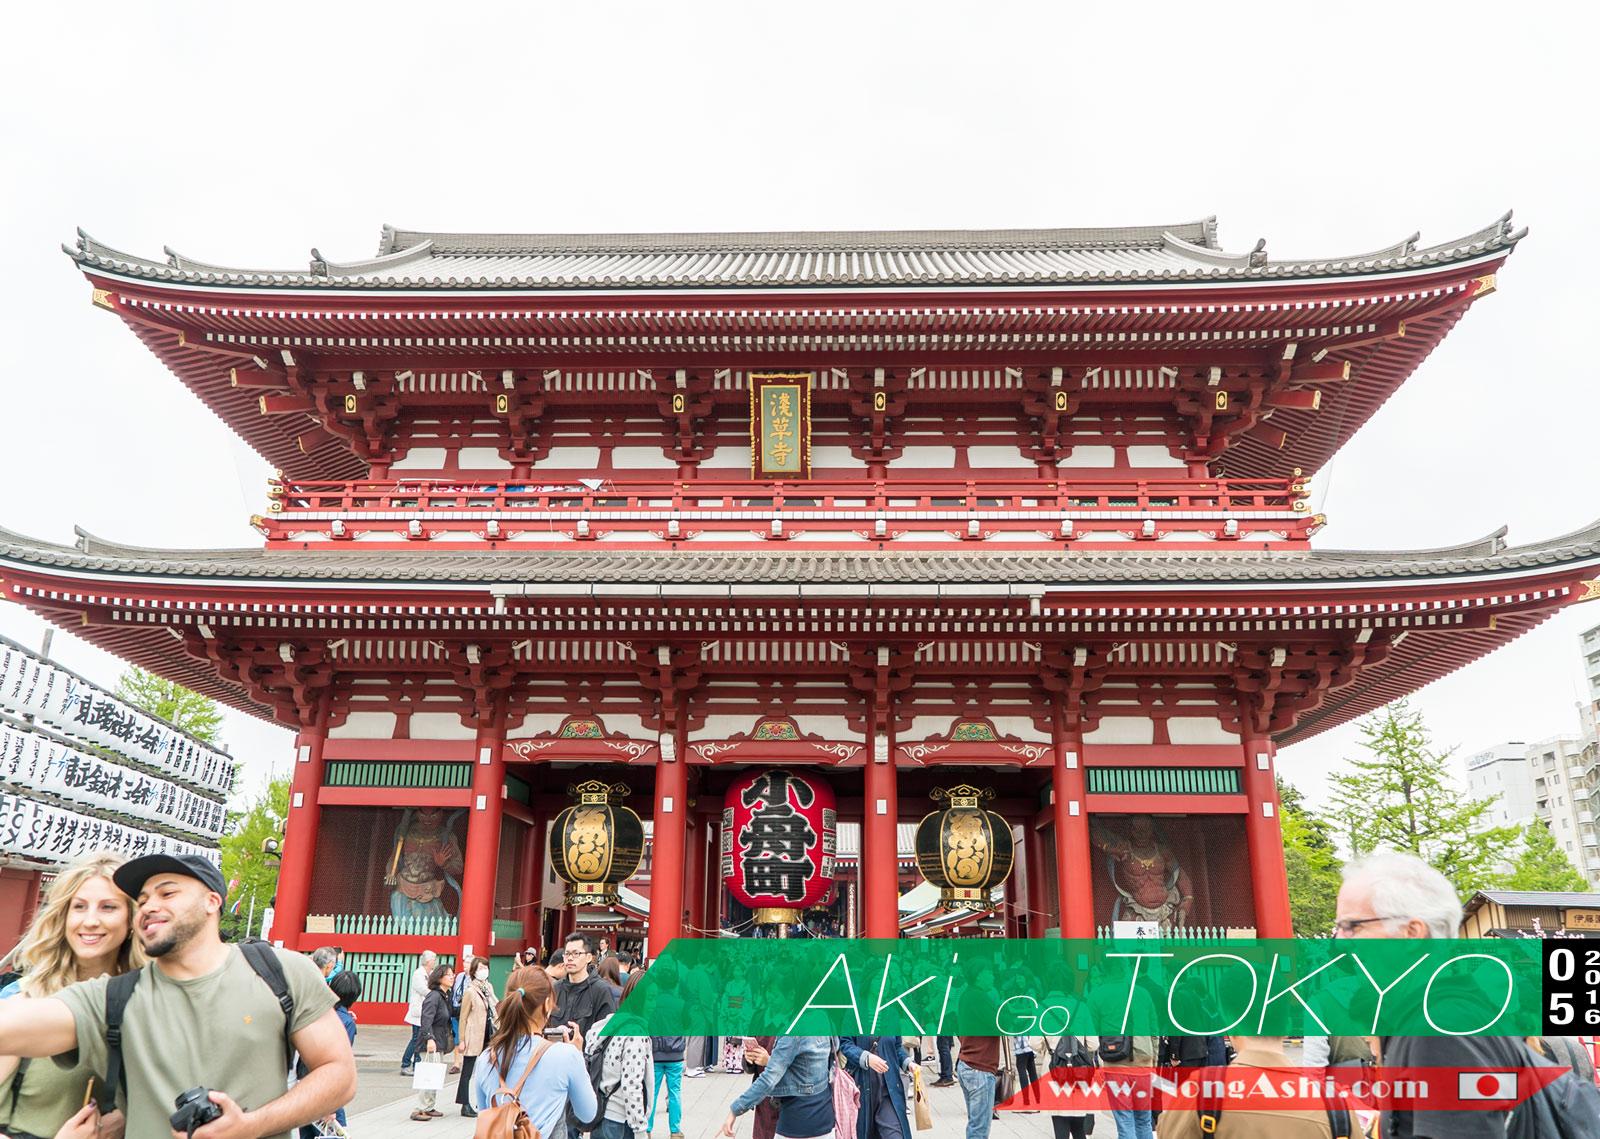 อกิน้อยไปเที่ยวญี่ปุุ่น Day1 : พาอกิน้อยมาเดินเล่นวัดเซ็นโซจิ หรืออีกชื่อว่าวัดอะซากุซะ